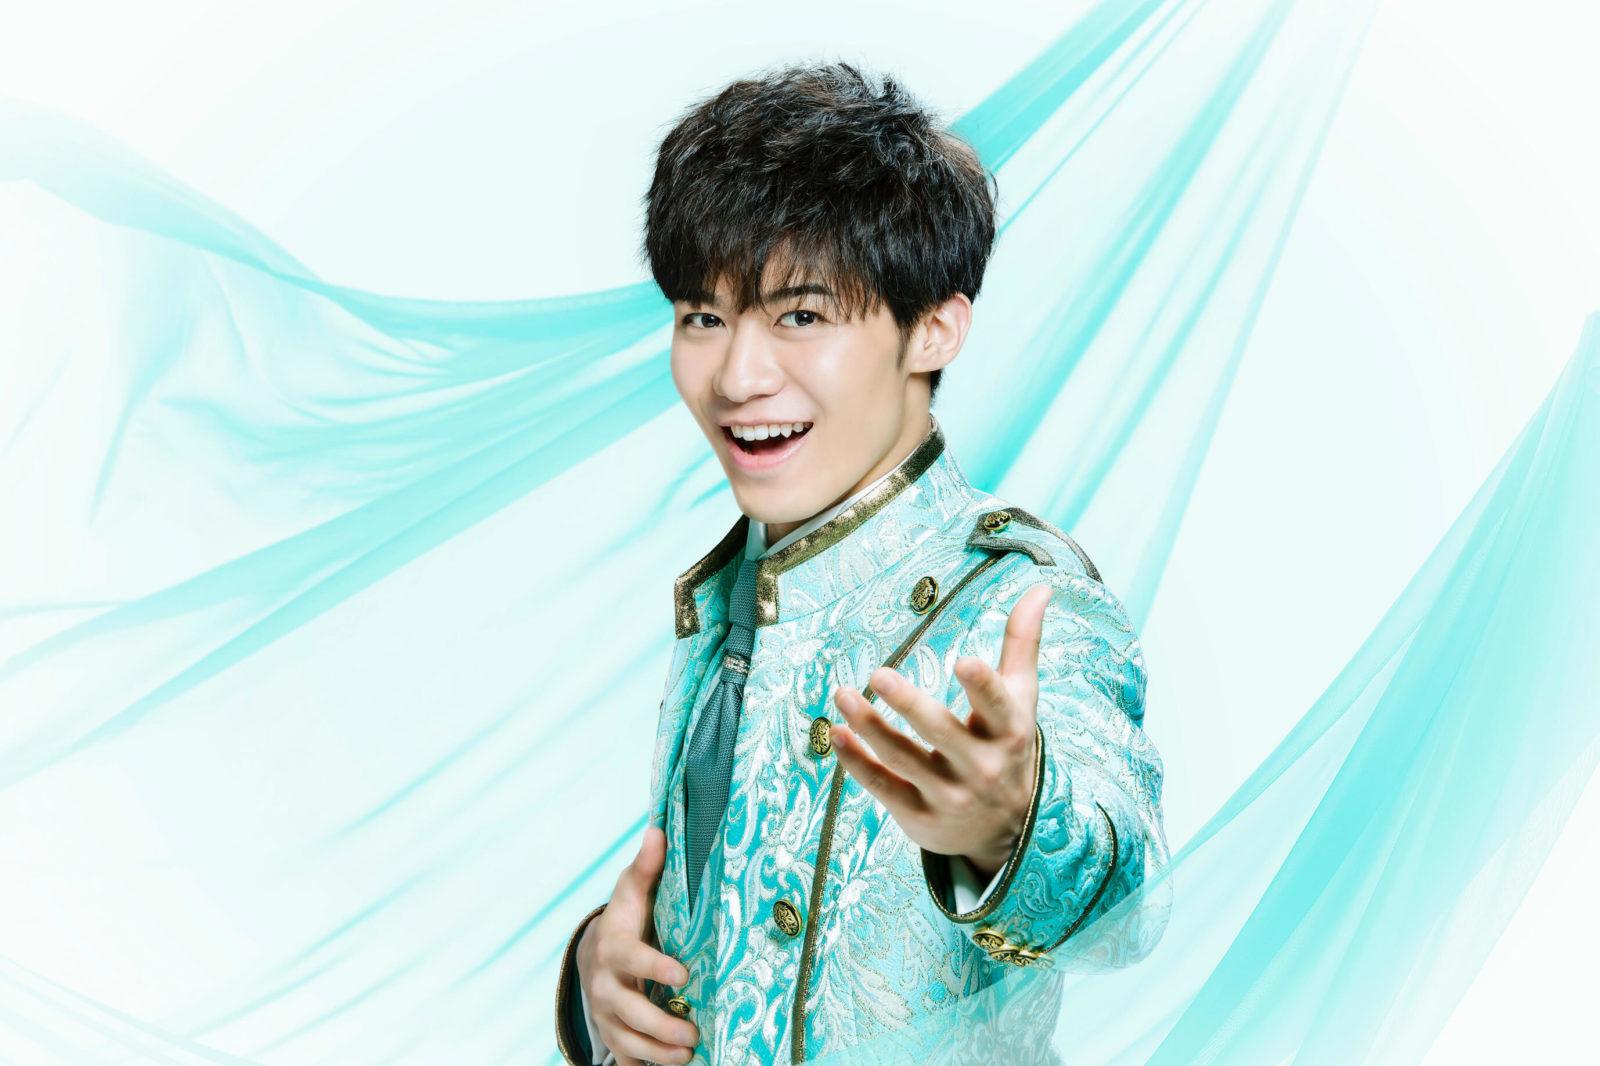 新浜レオン、年男24歳の誕生日に新タイアップ決定